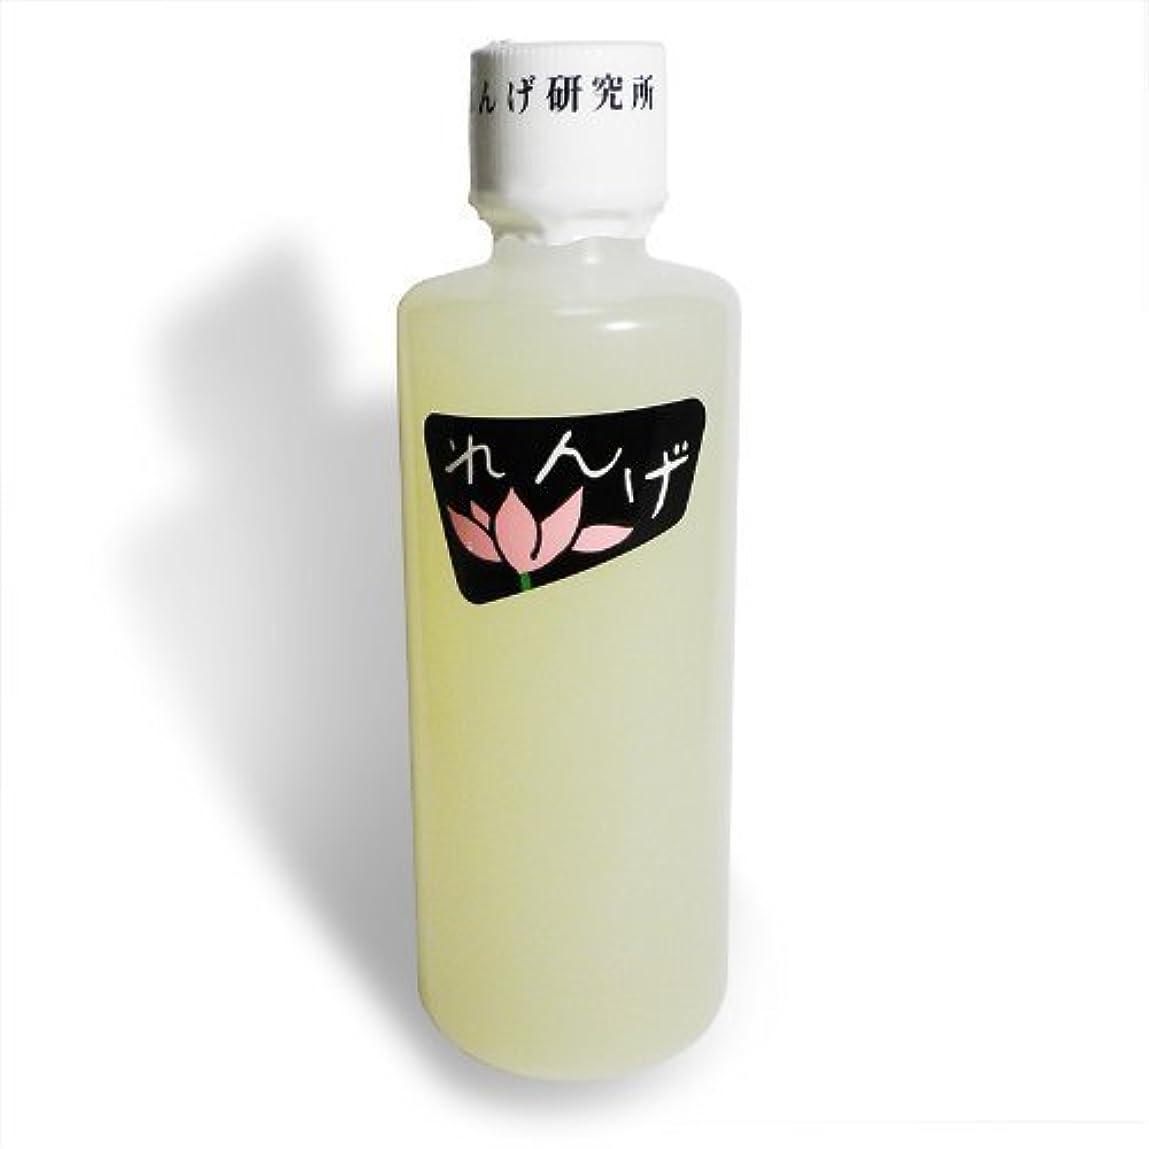 繊維虚弱アジャれんげ研究所 れんげ化粧水 140cc×6本